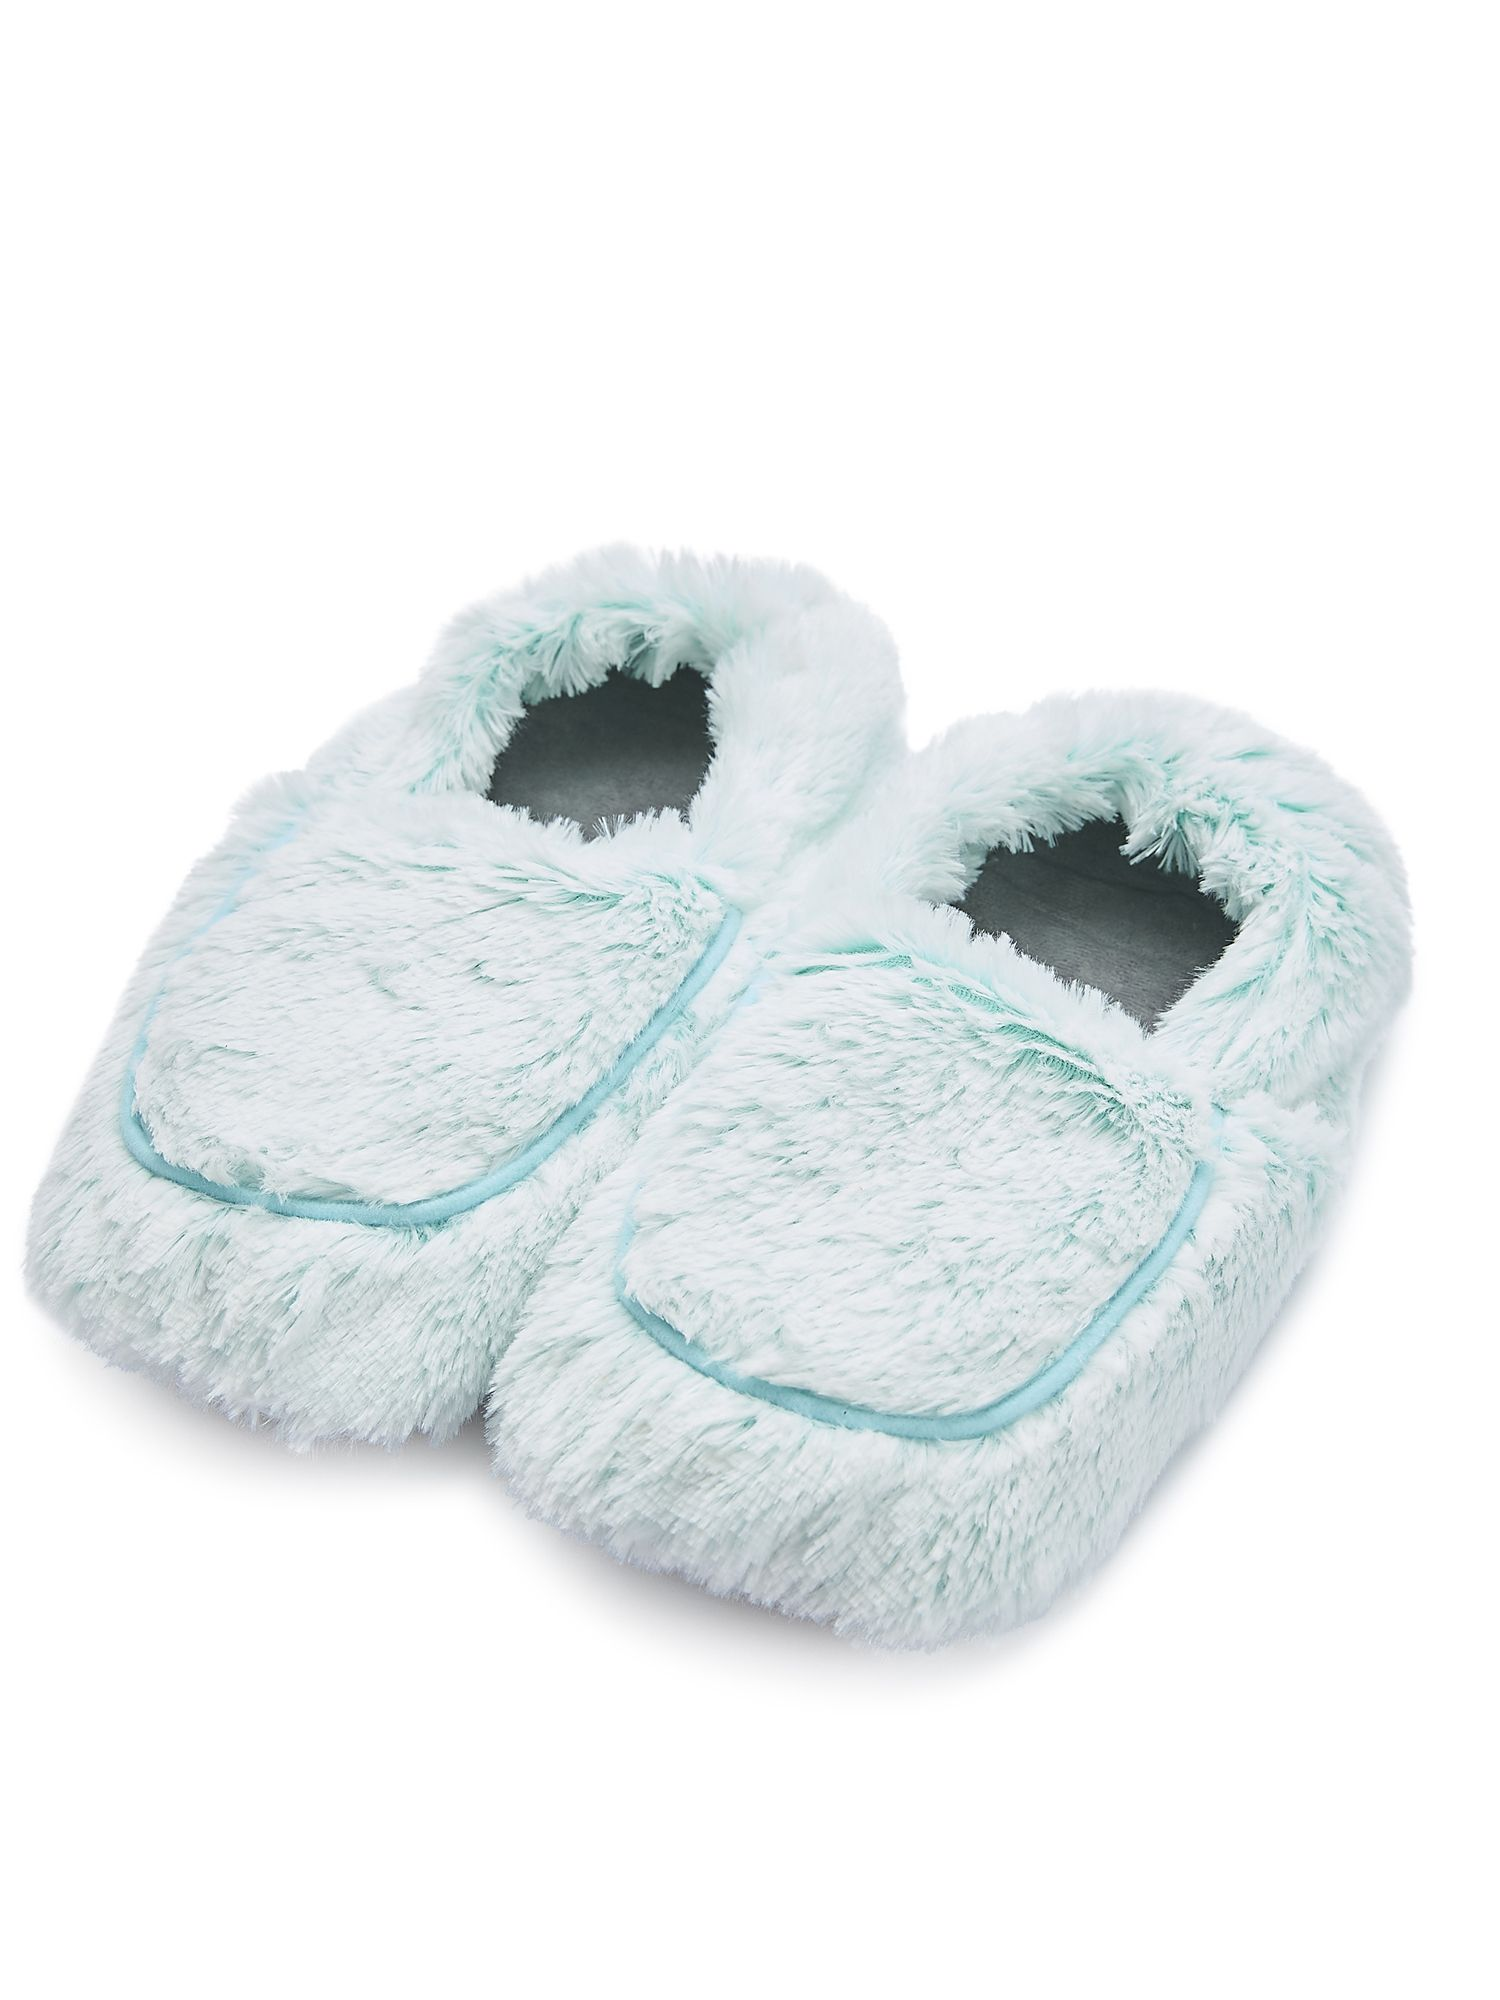 Пинкл (Pinkl) | Тапочки-грелки мятные Marshmallow | Intelex Ltd Warmies Cozy Body Mint Marshmallow Slippers